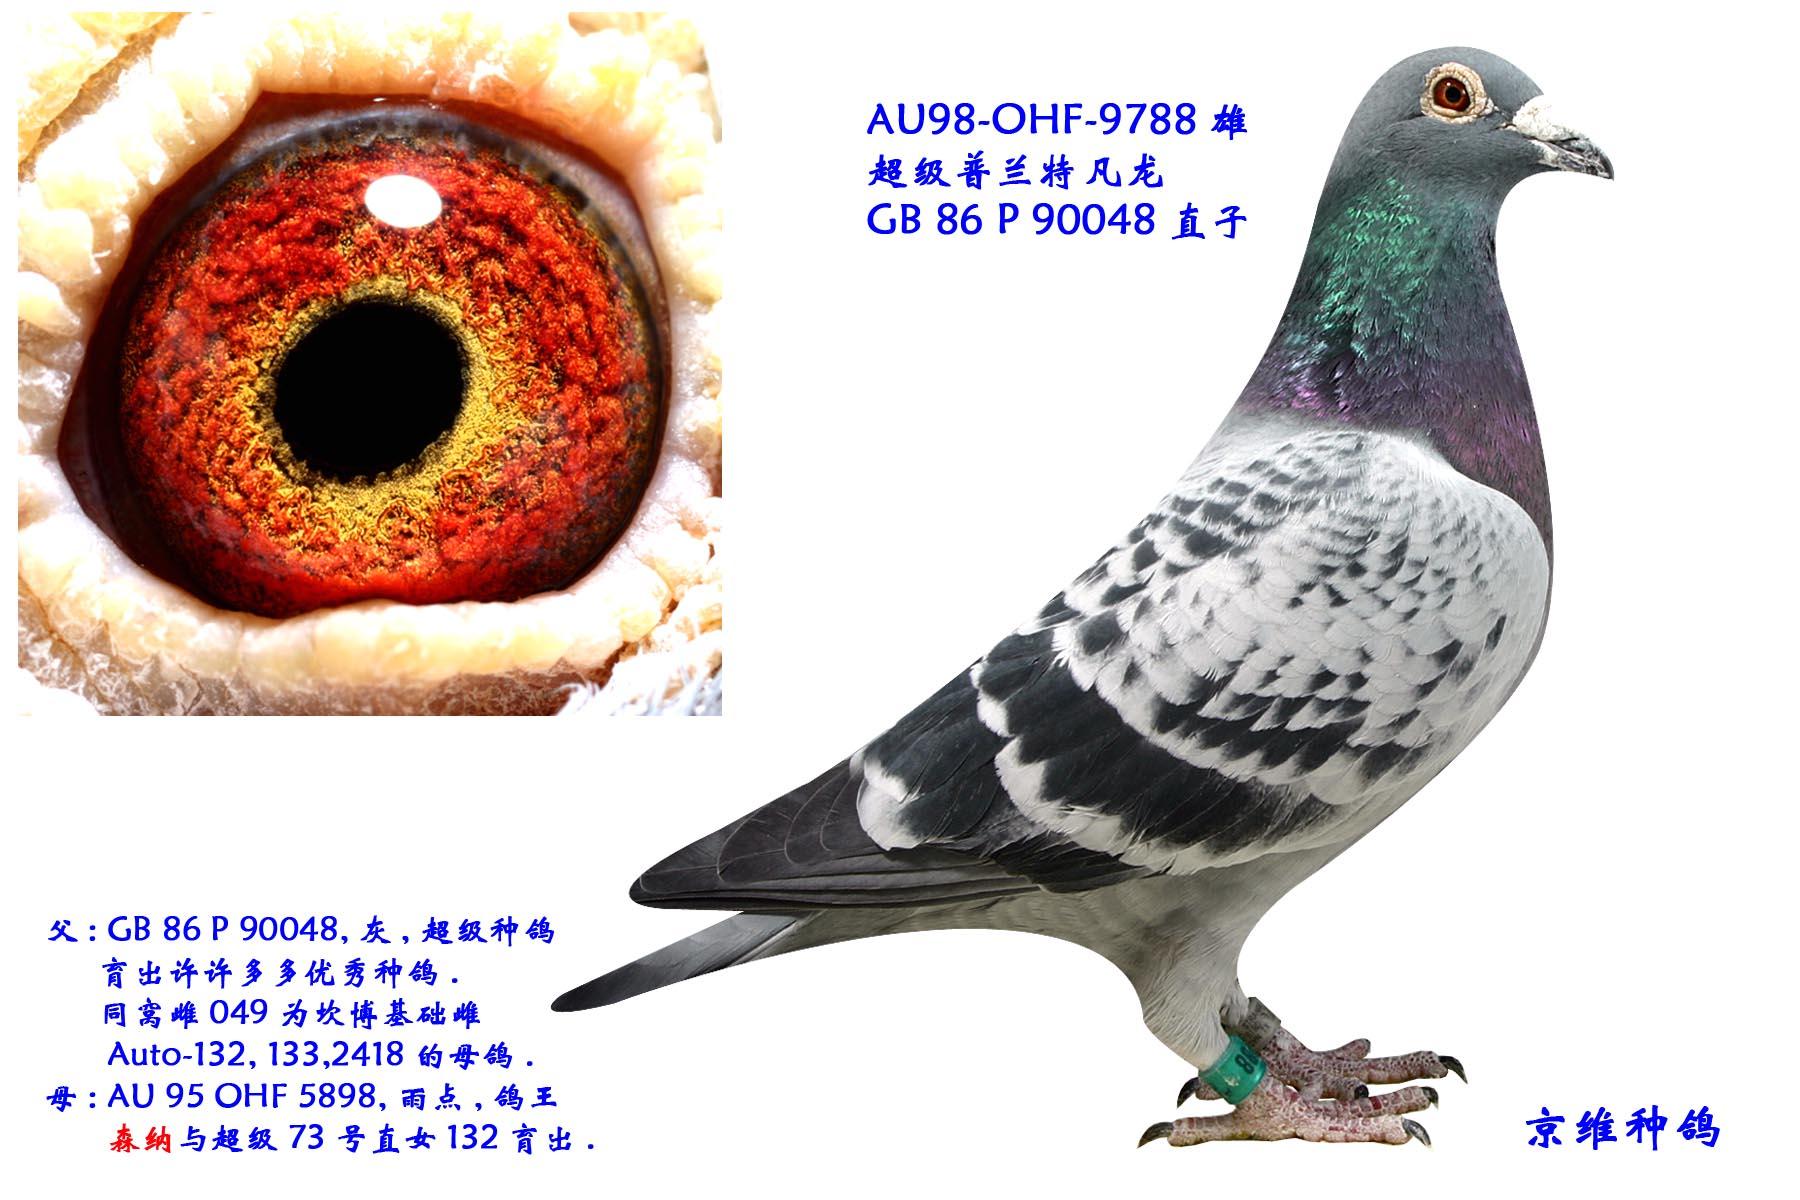 超级9788 北京京维种鸽养殖中心